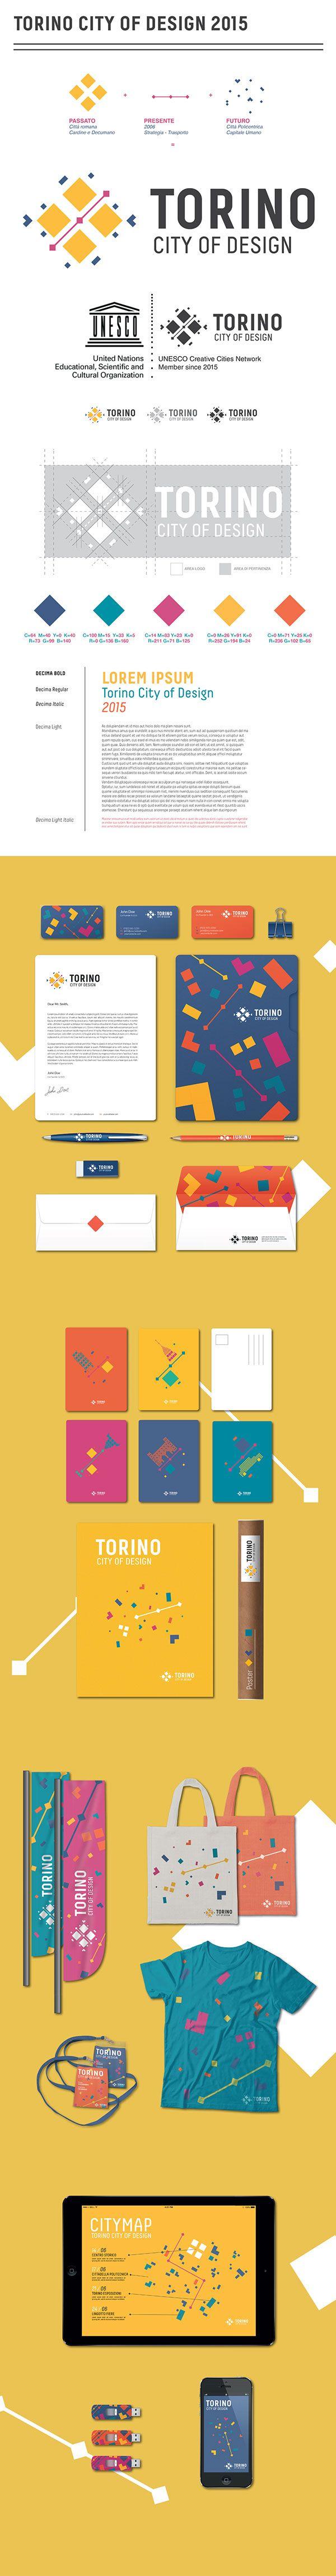 Concorso indetto da Unesco. Progettare un logo che rappresentasse Torino City of Design per il settore dell' automotive.